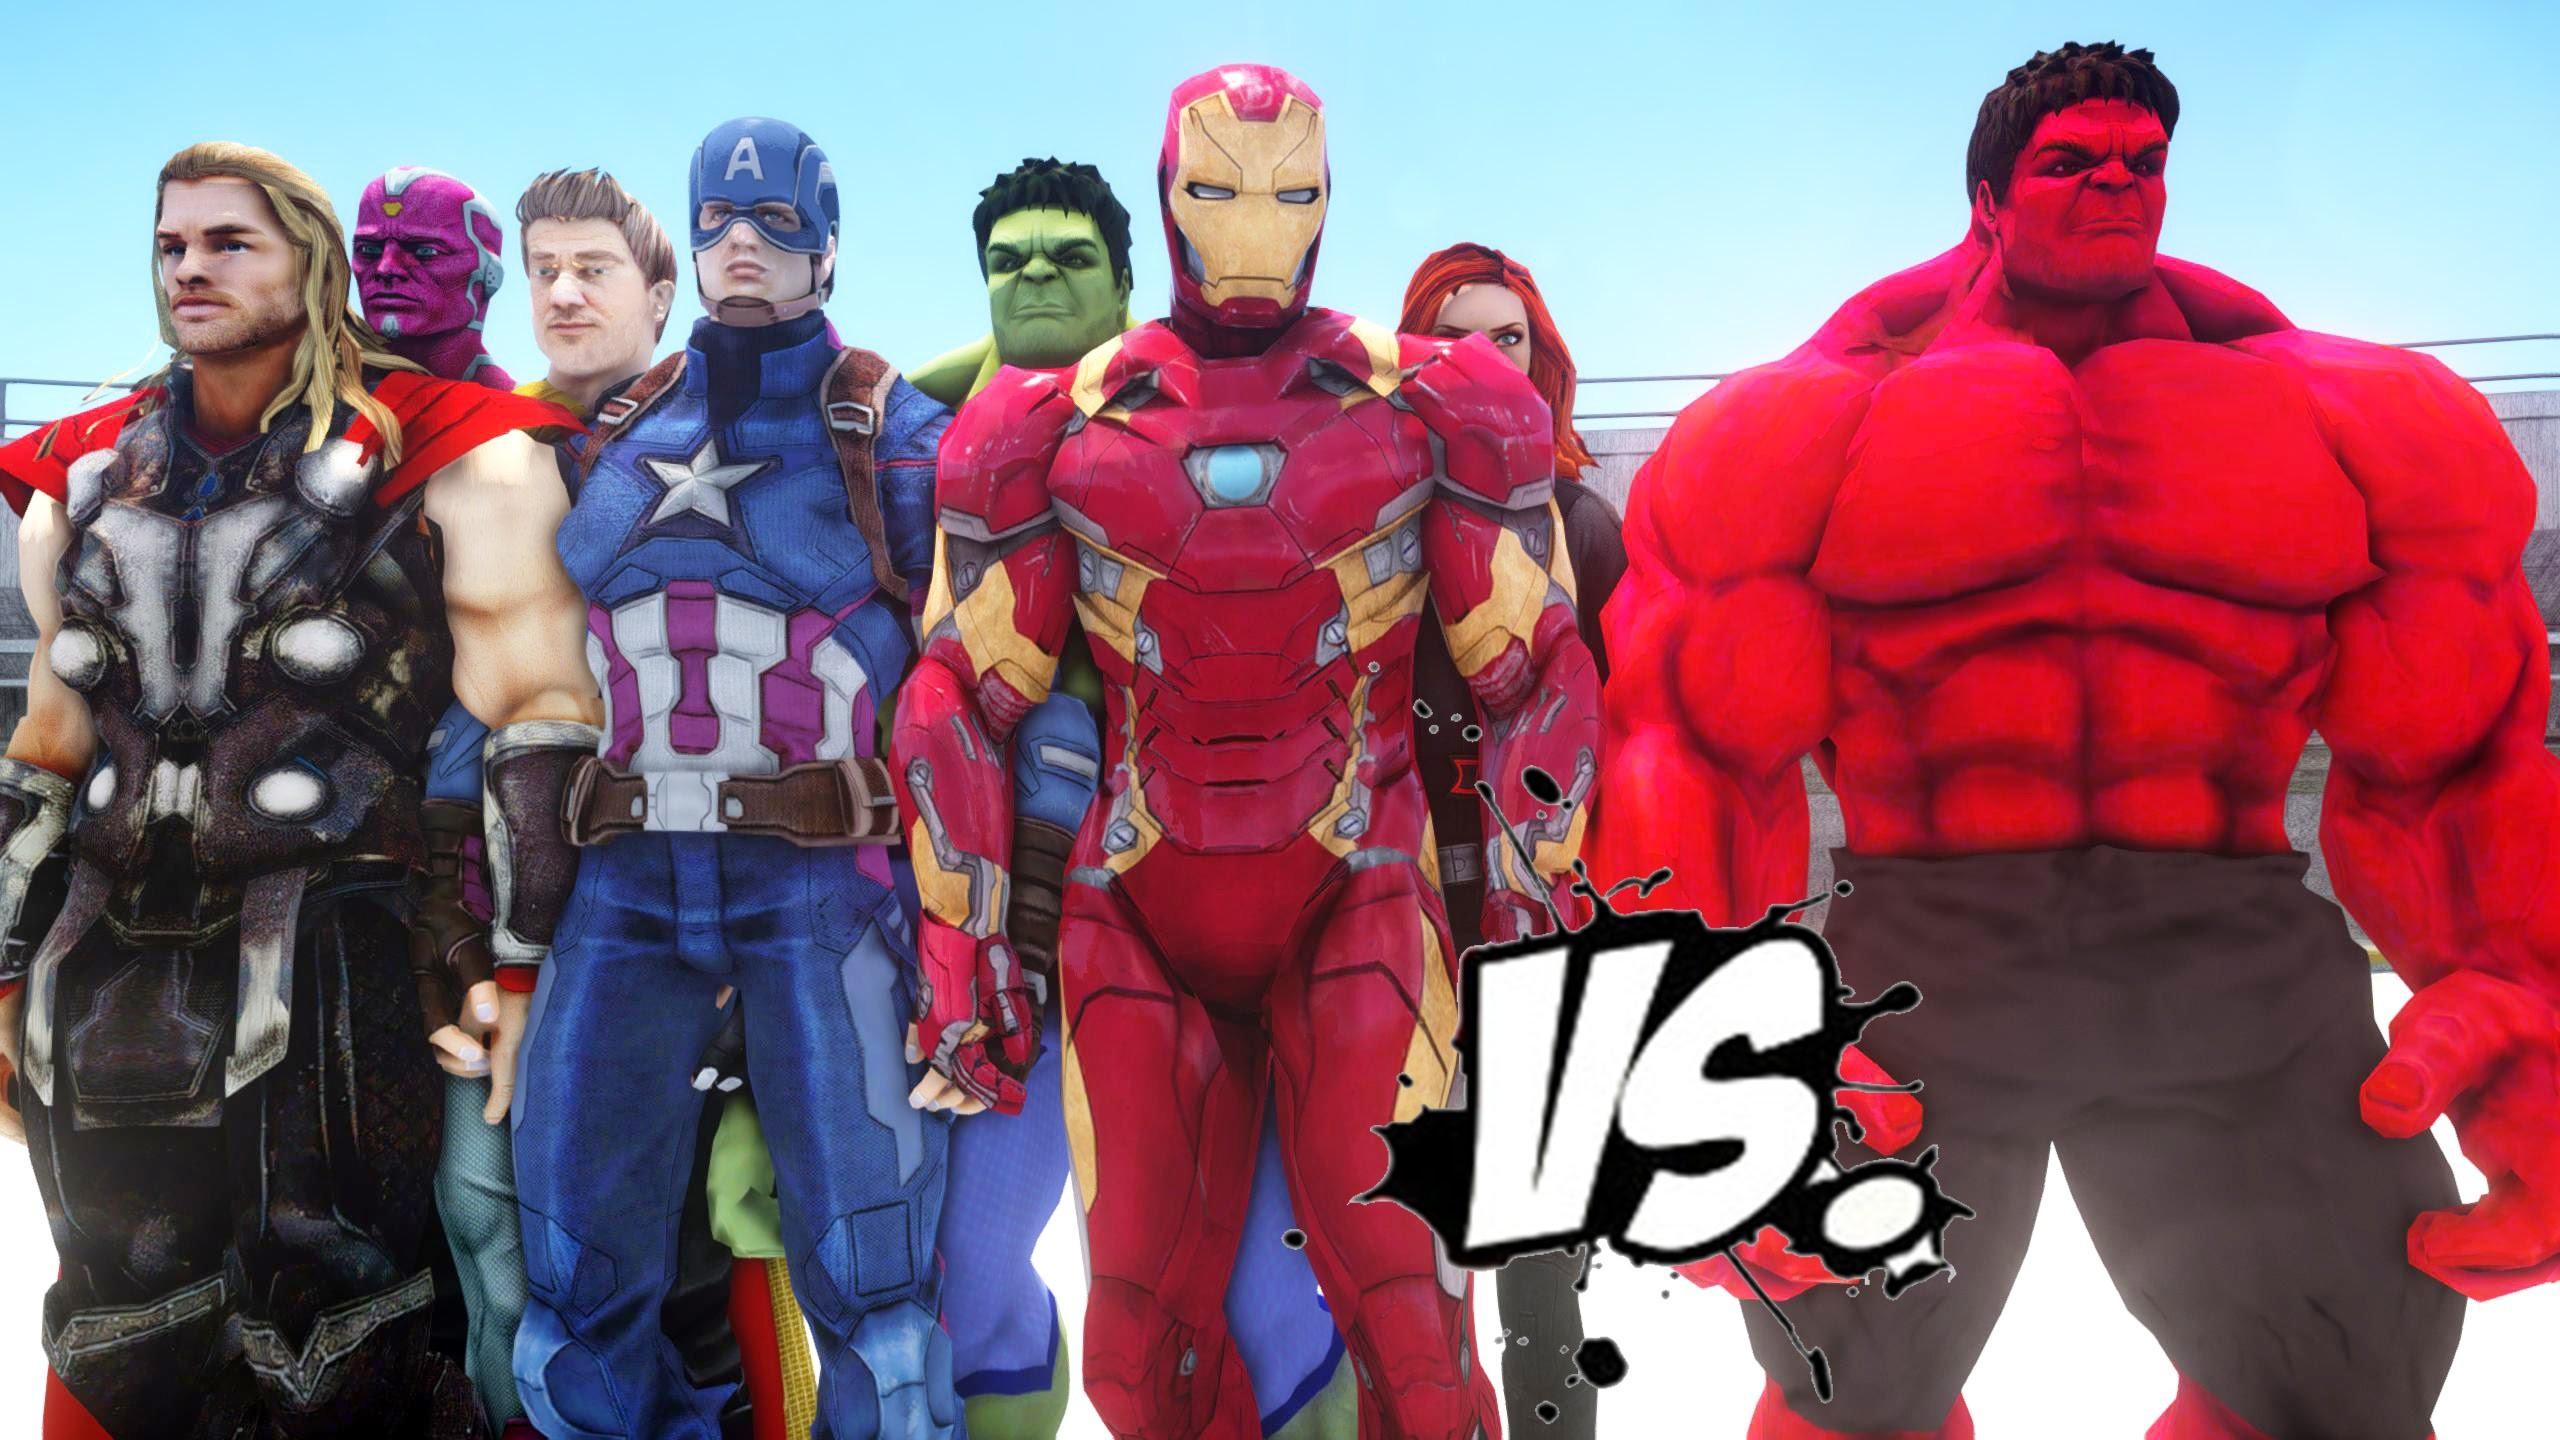 Res: 2560x1440, Red Hulk Avengers wallpaper